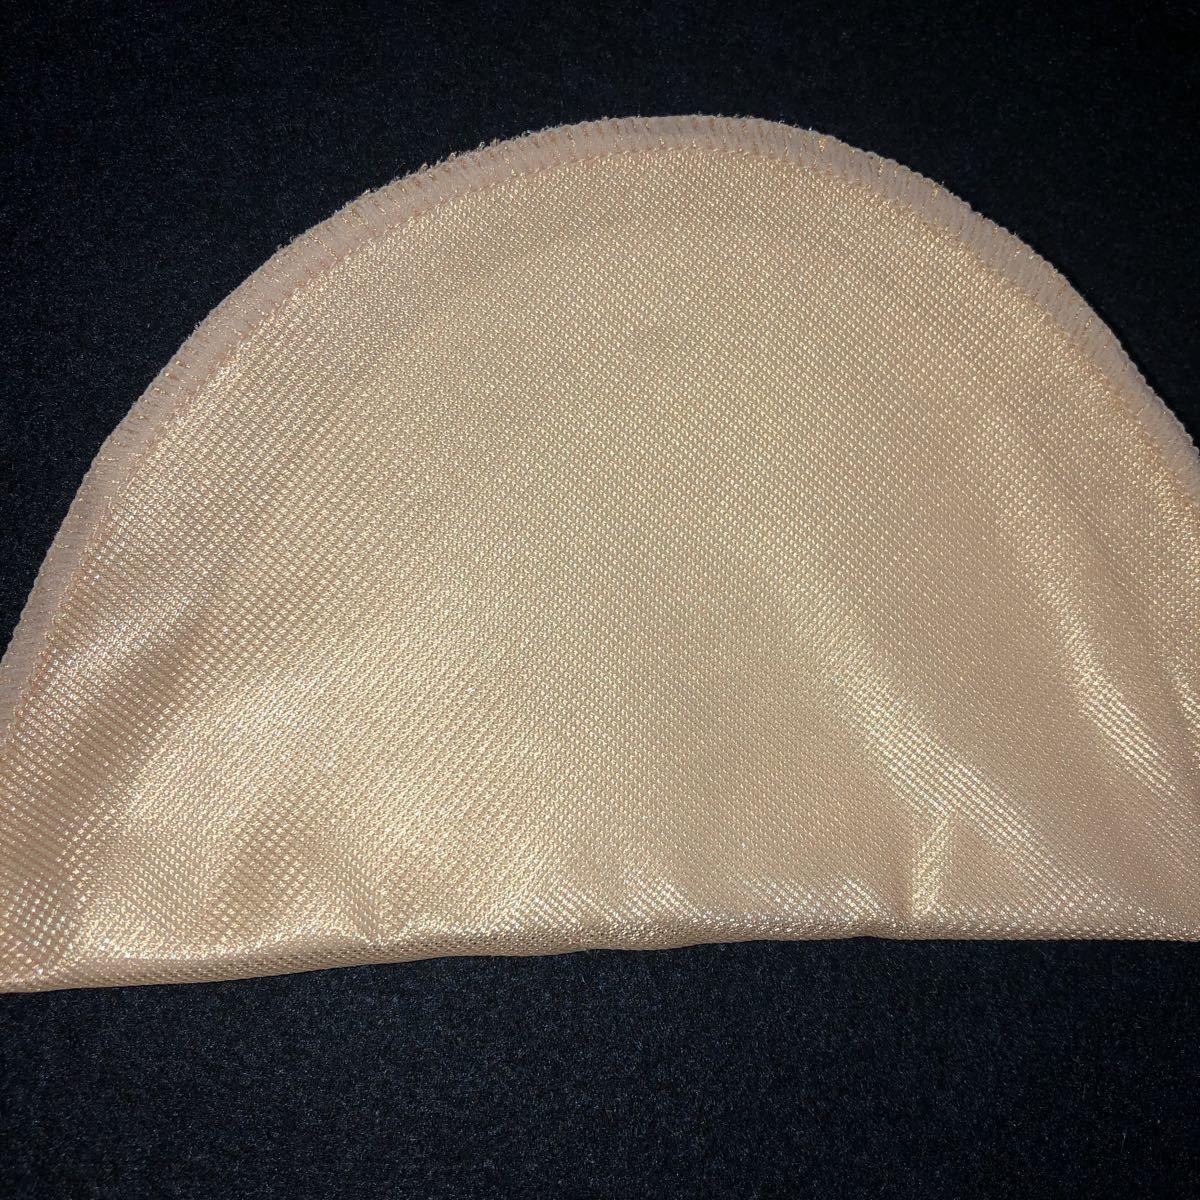 スタンダードタイプ セットイン型肩パット 20枚 厚さ(mm): 約5 色: ベージュ 寸法(横×縦)(mm): 約155×95 ブラウスパット  裁縫用_画像6